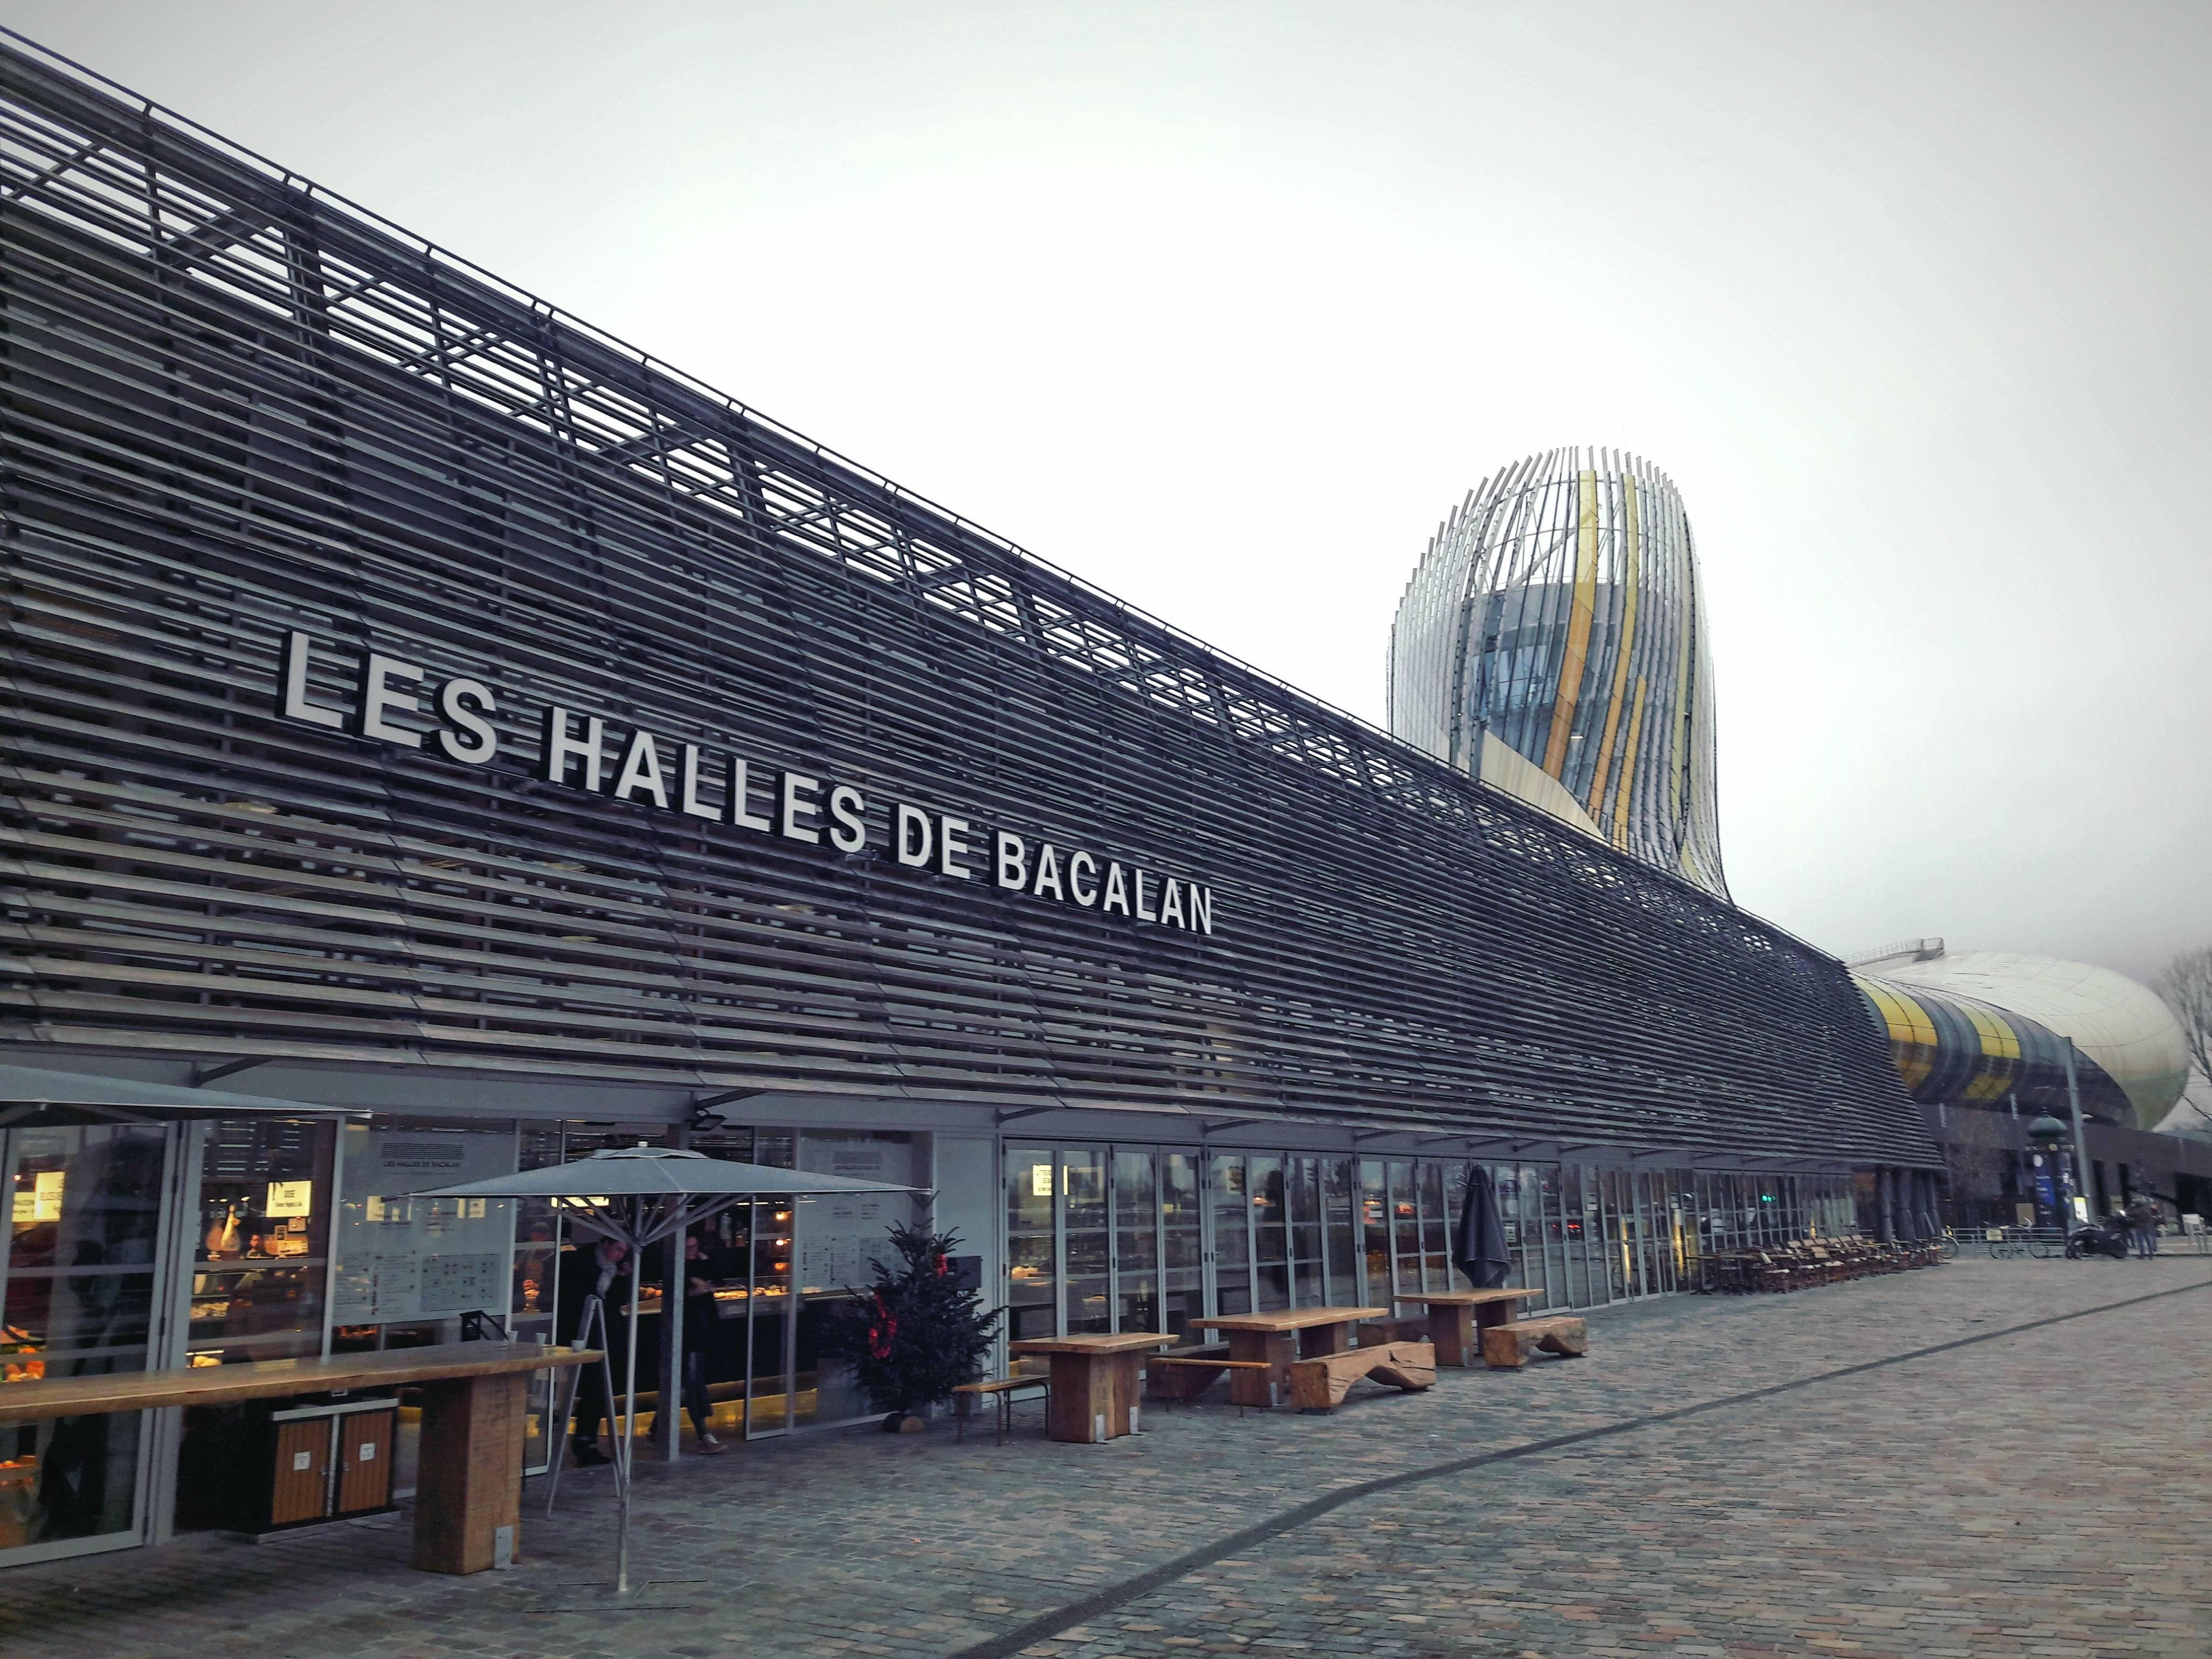 Photo 1: Prendre un verre aux Halles de Bacalan